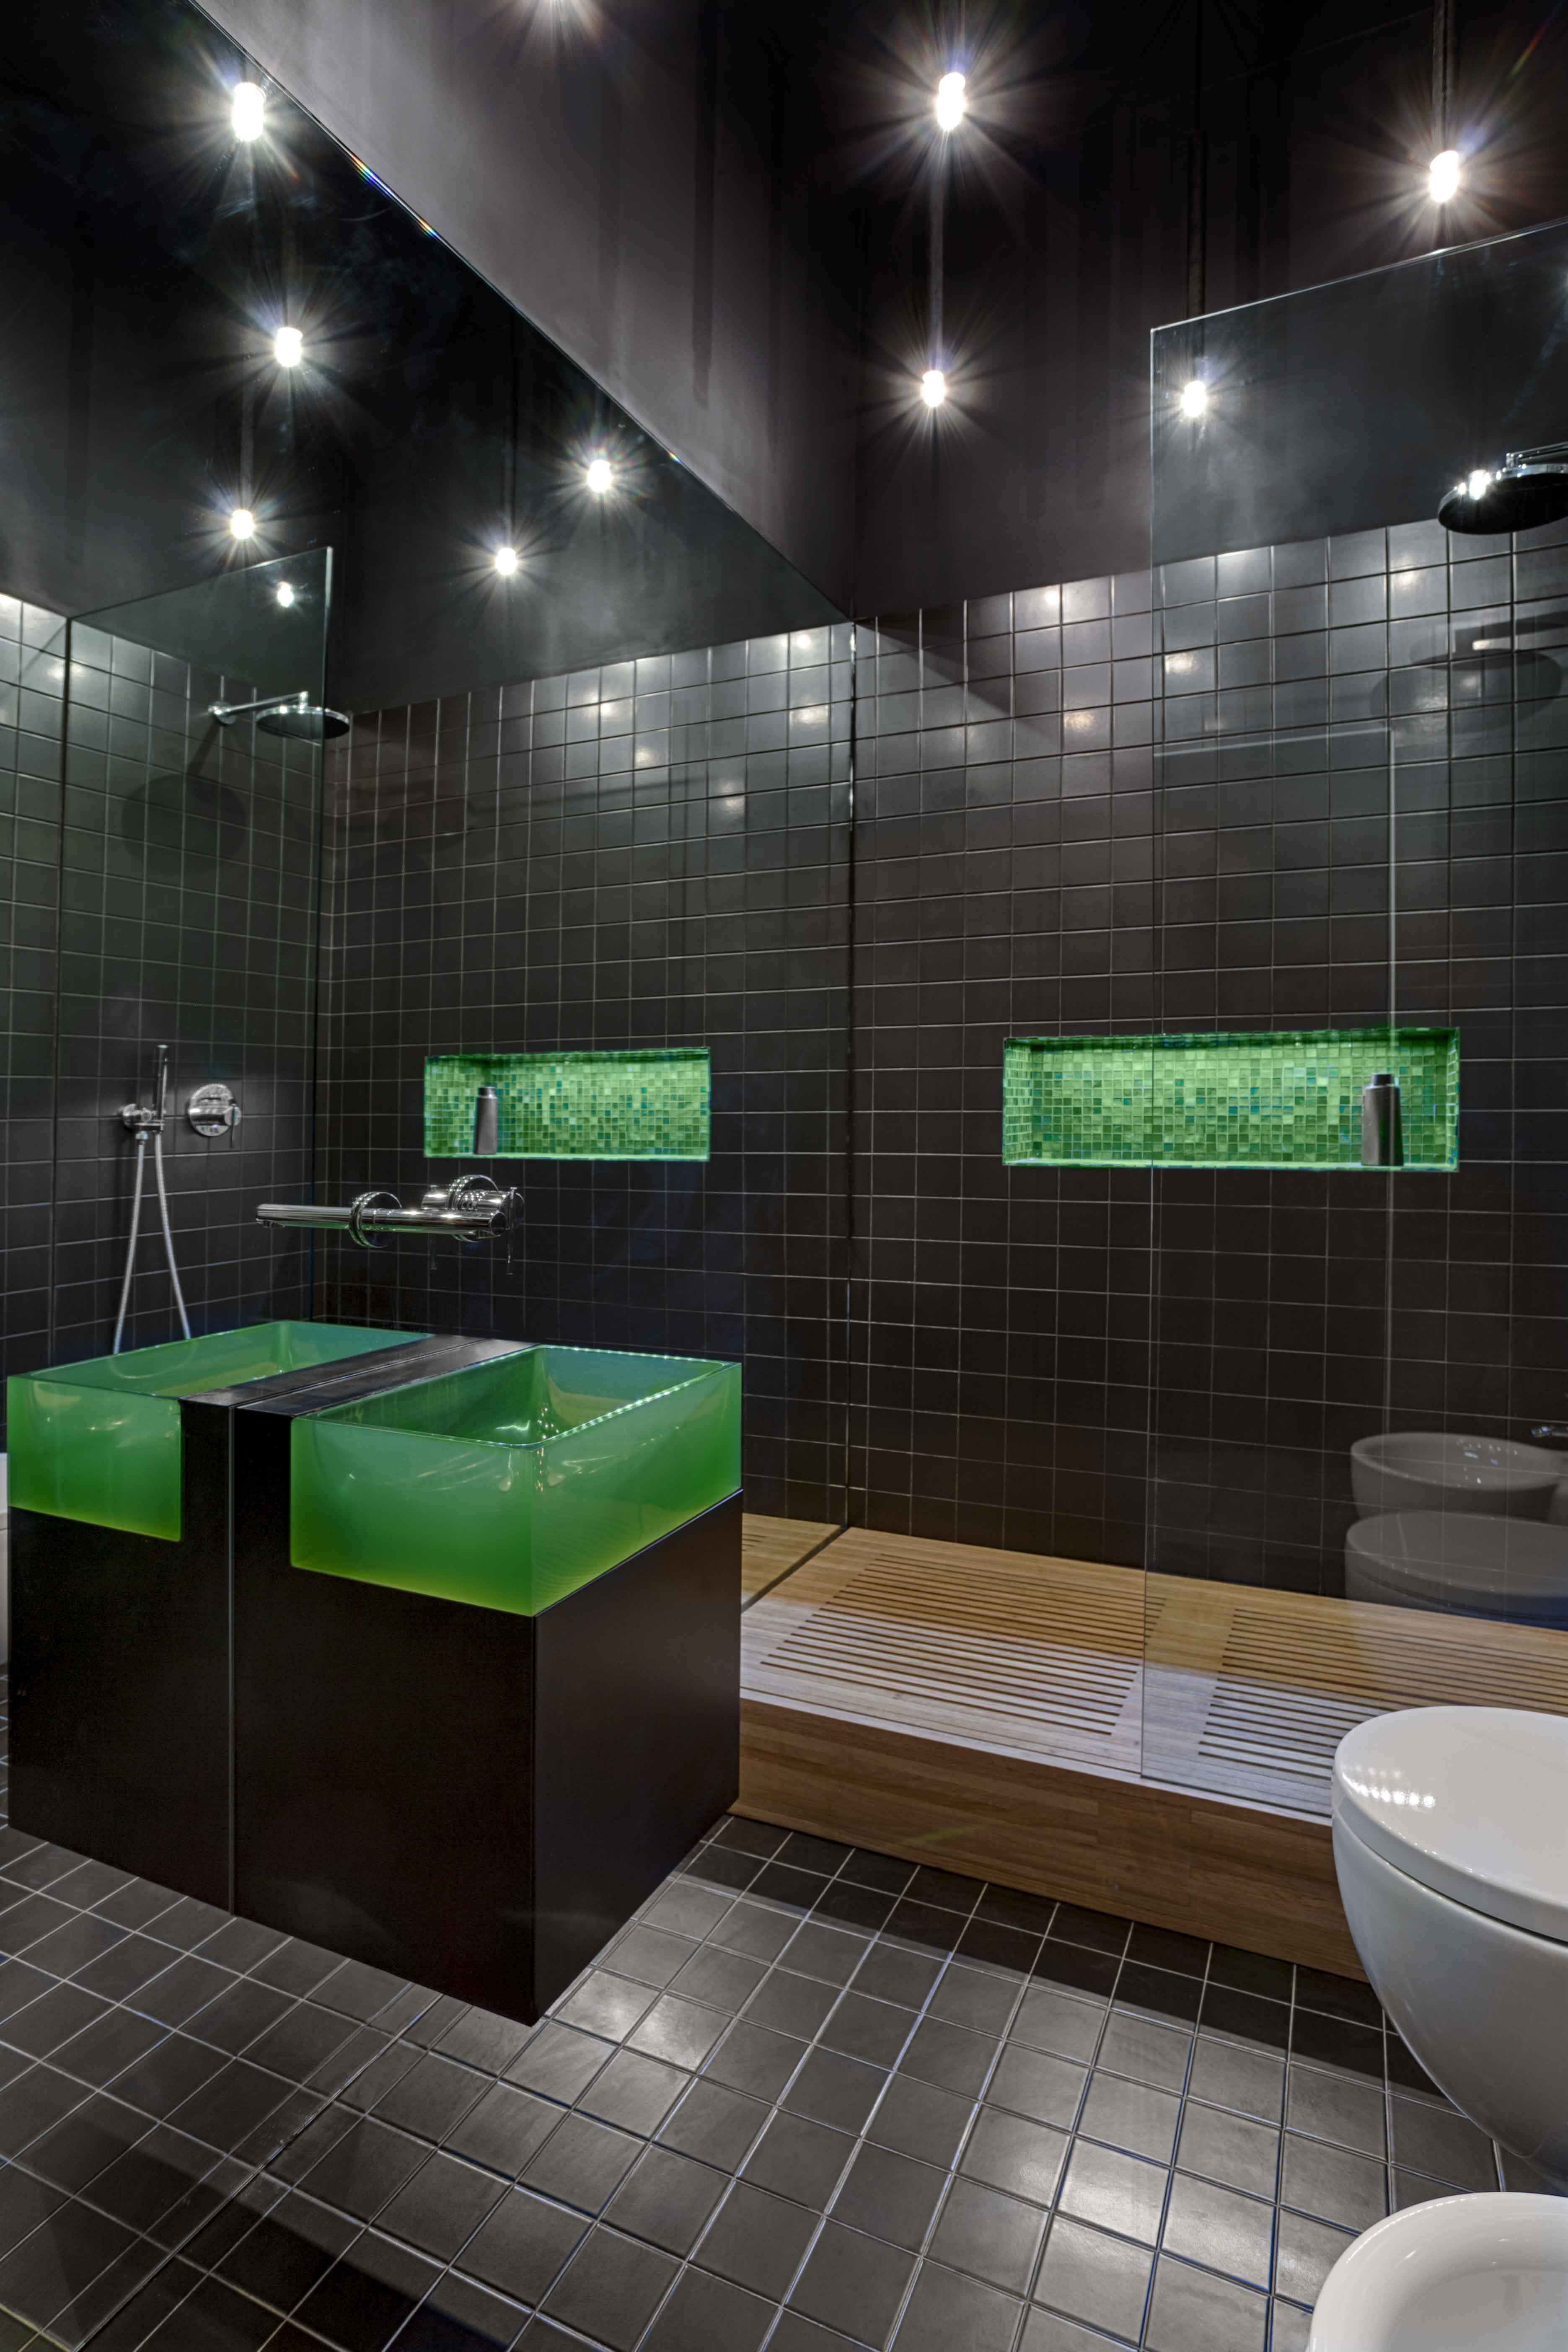 019-GUESTHOUSE BATHROOM